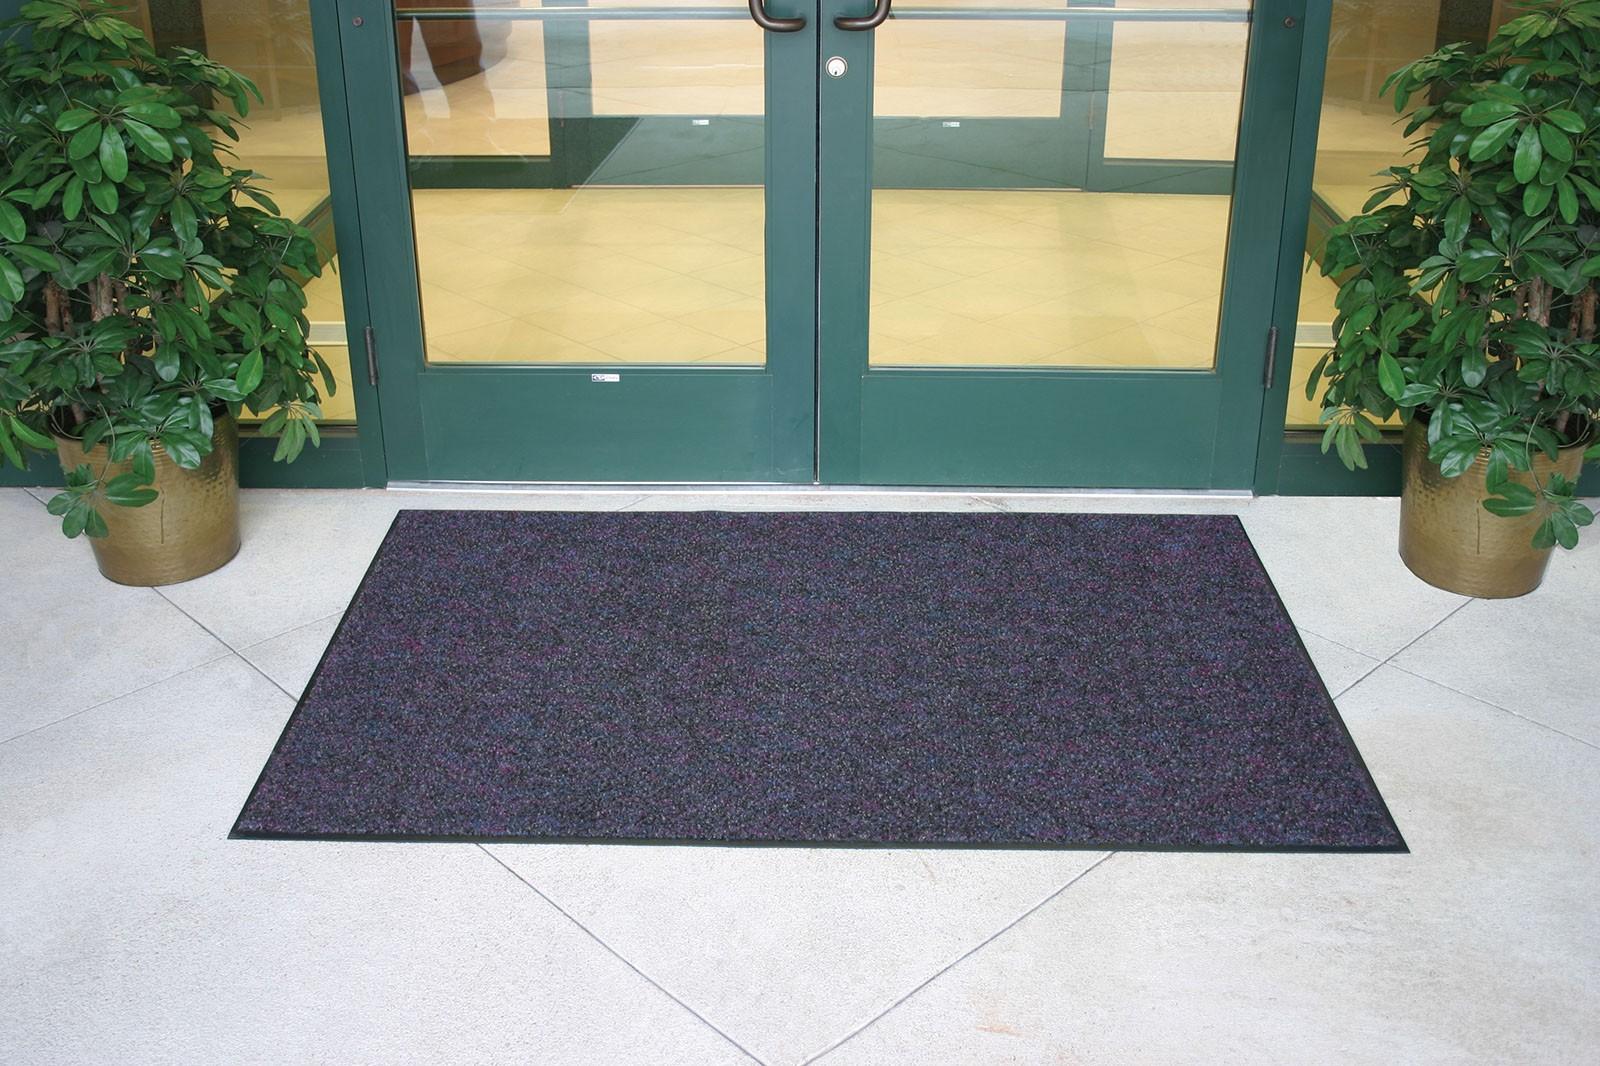 SUPERMAT Indoor/Outdoor Entrance Floor Mat | Floor Mat Systems